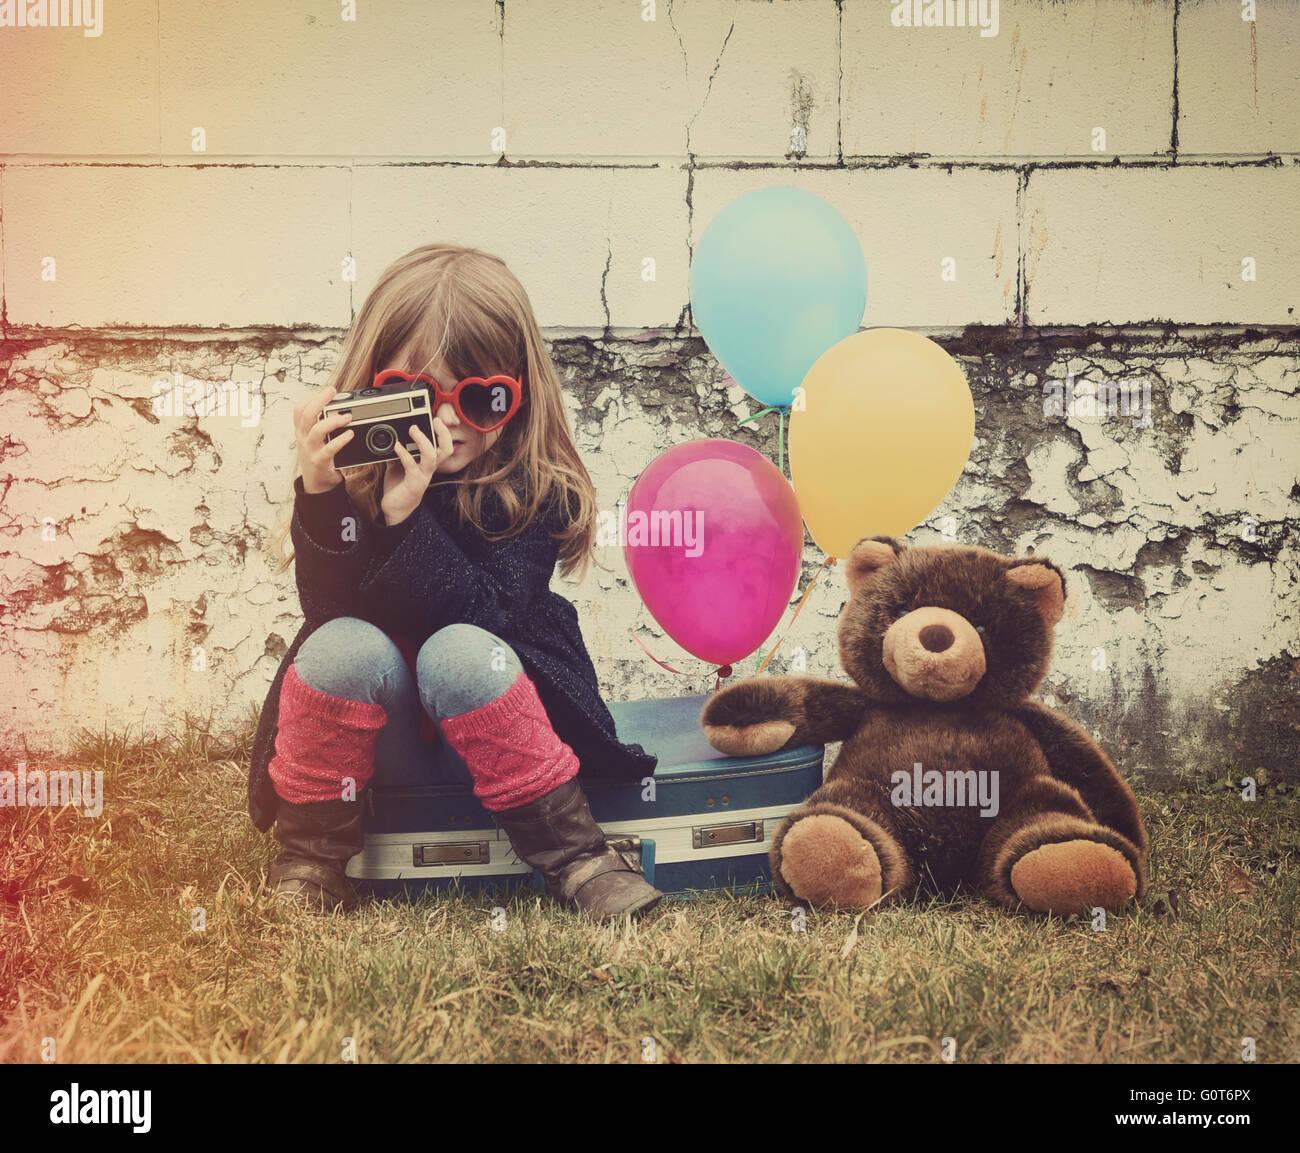 Une photo d'un enfant prenant une photo avec l'ancien appareil photo contre un mur de briques, des ballons Photo Stock